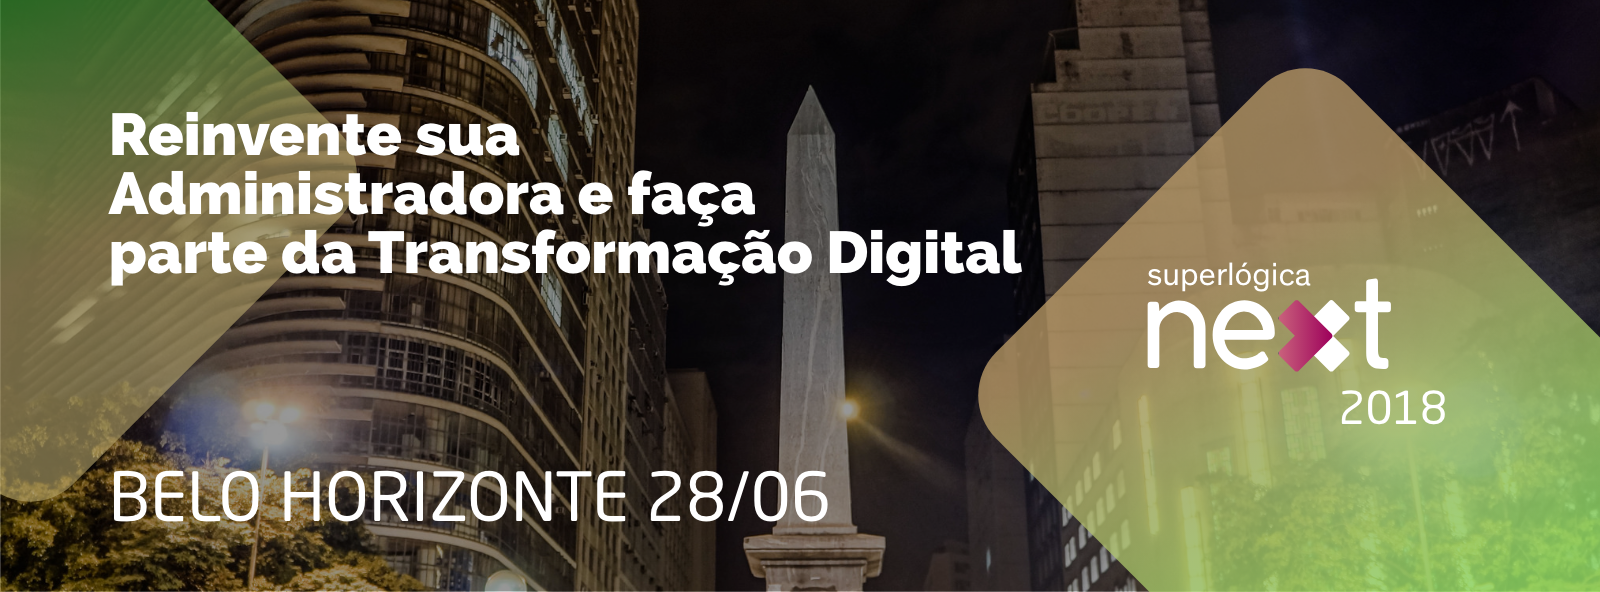 Superlógica Next 2018 - Belo Horizonte/MG - Sympla